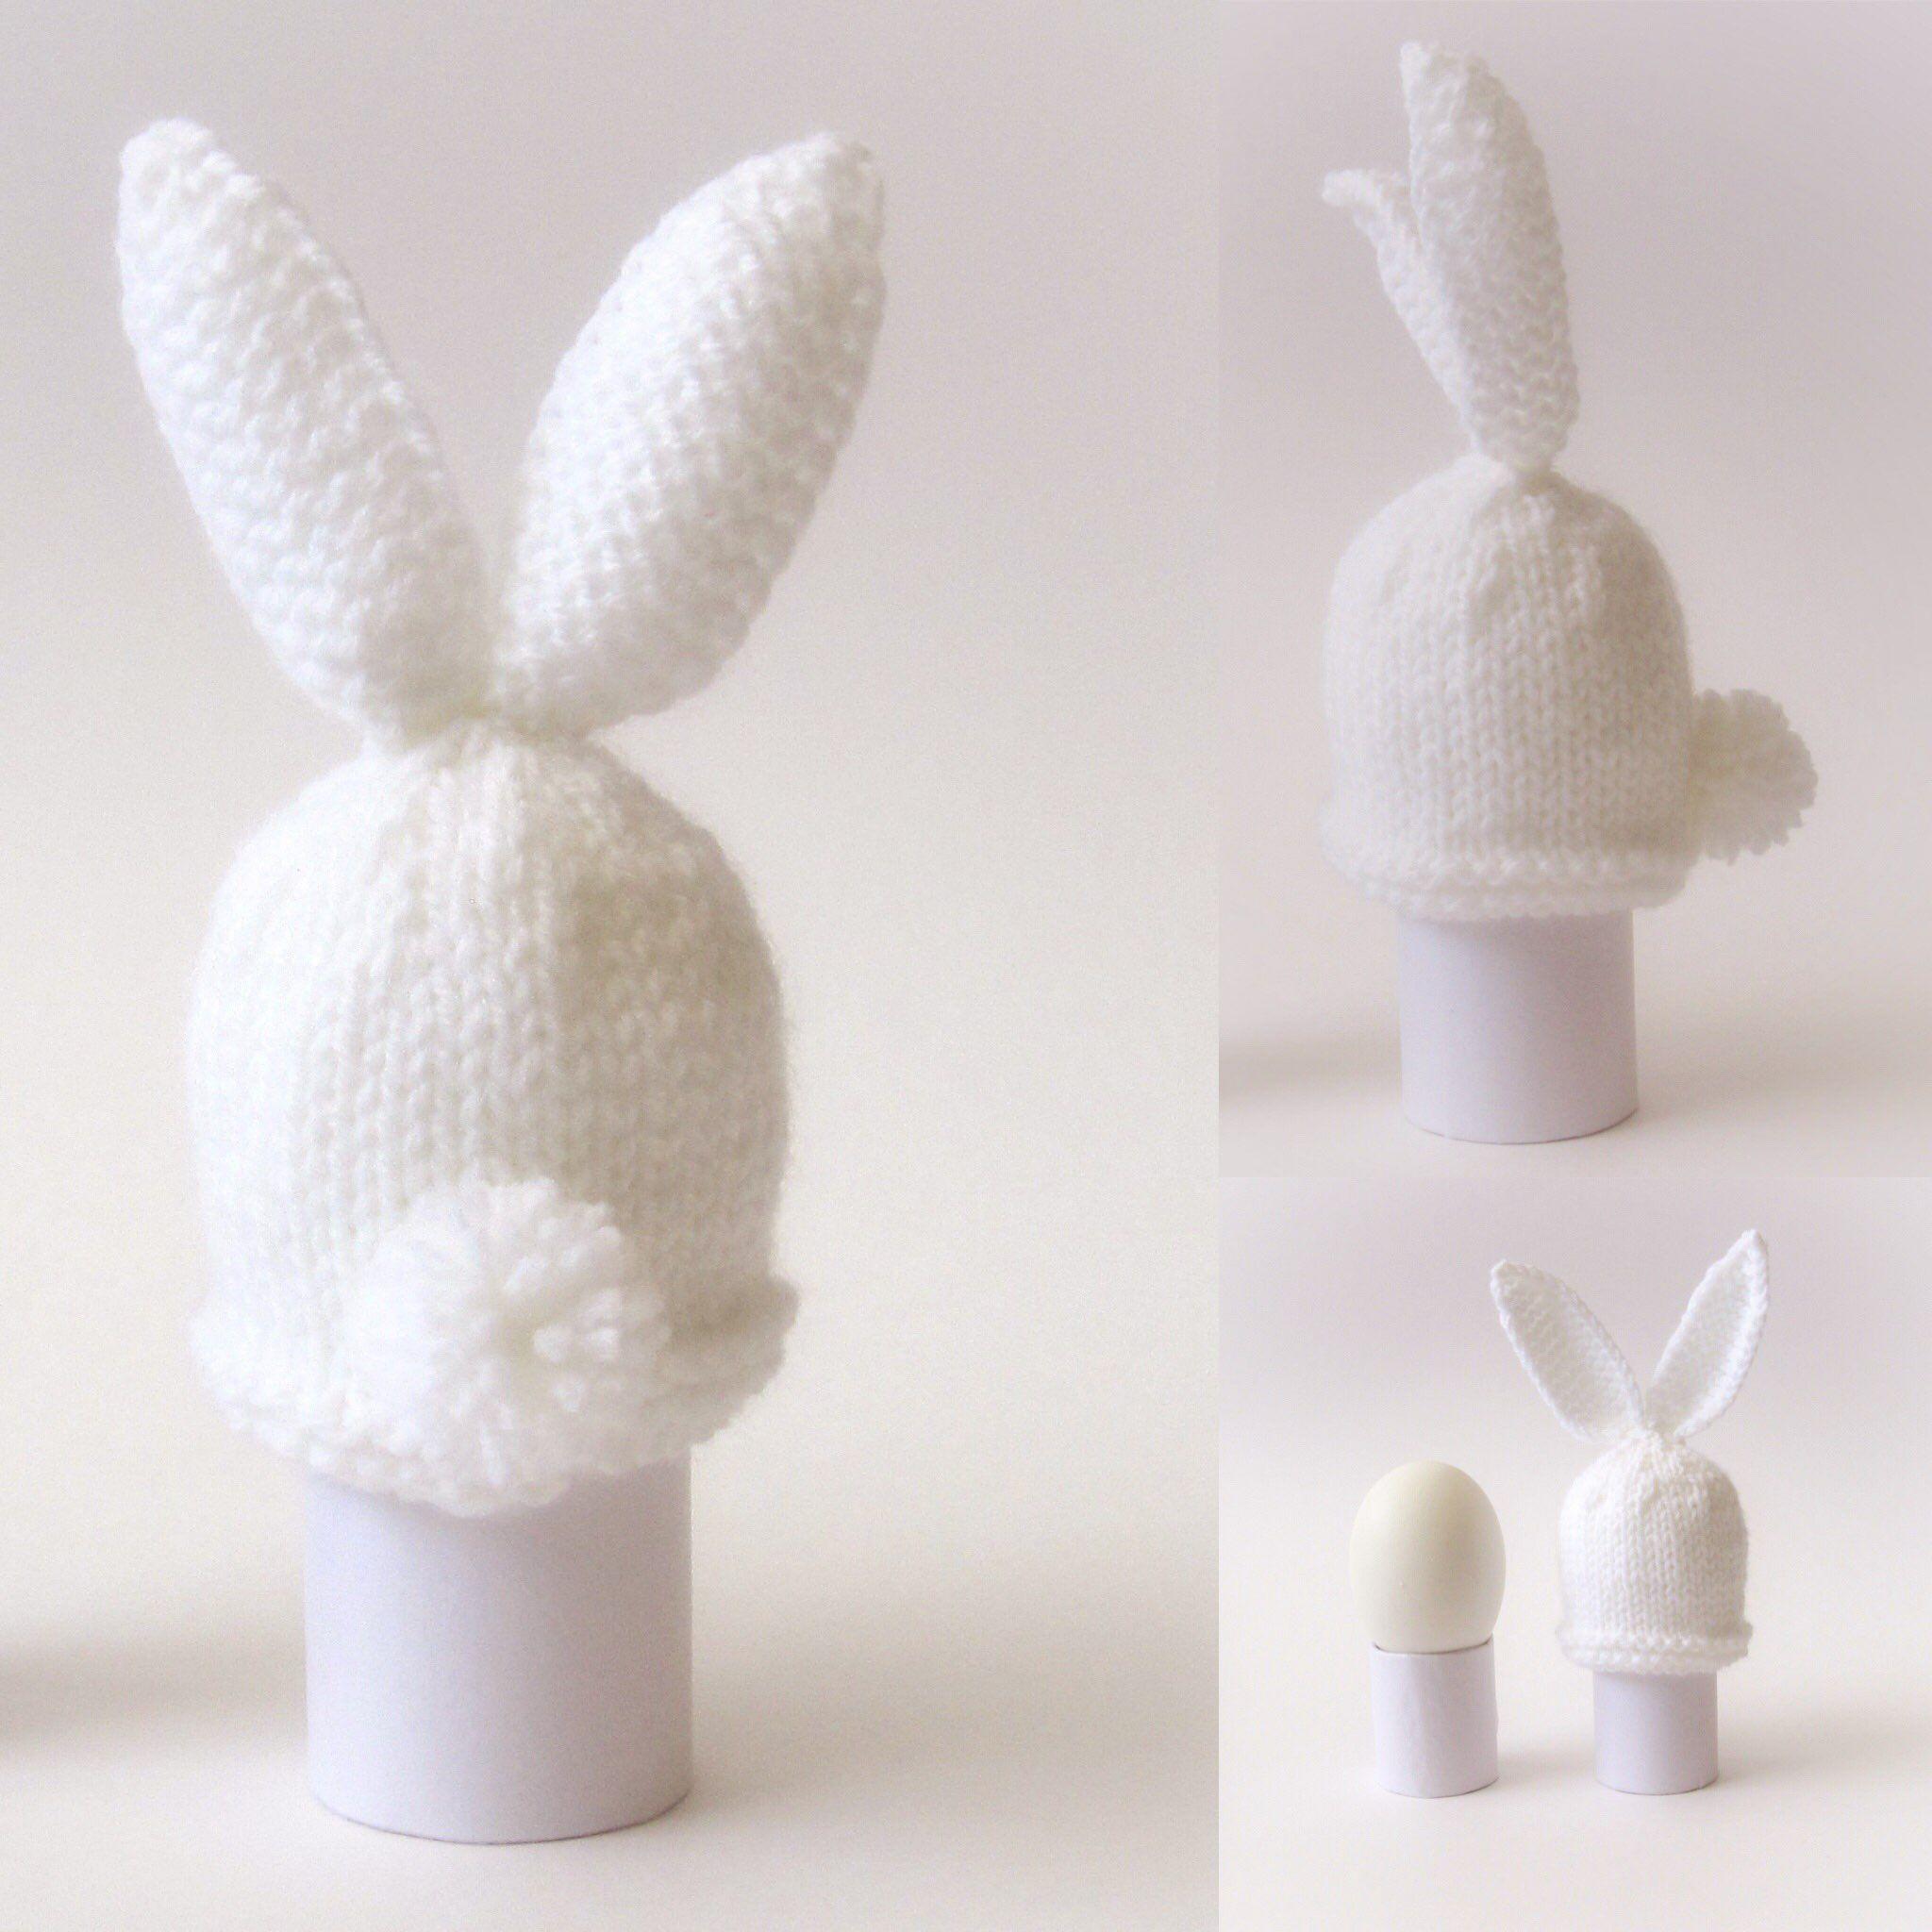 sperm-and-egg-knit-hat-pattern-carp